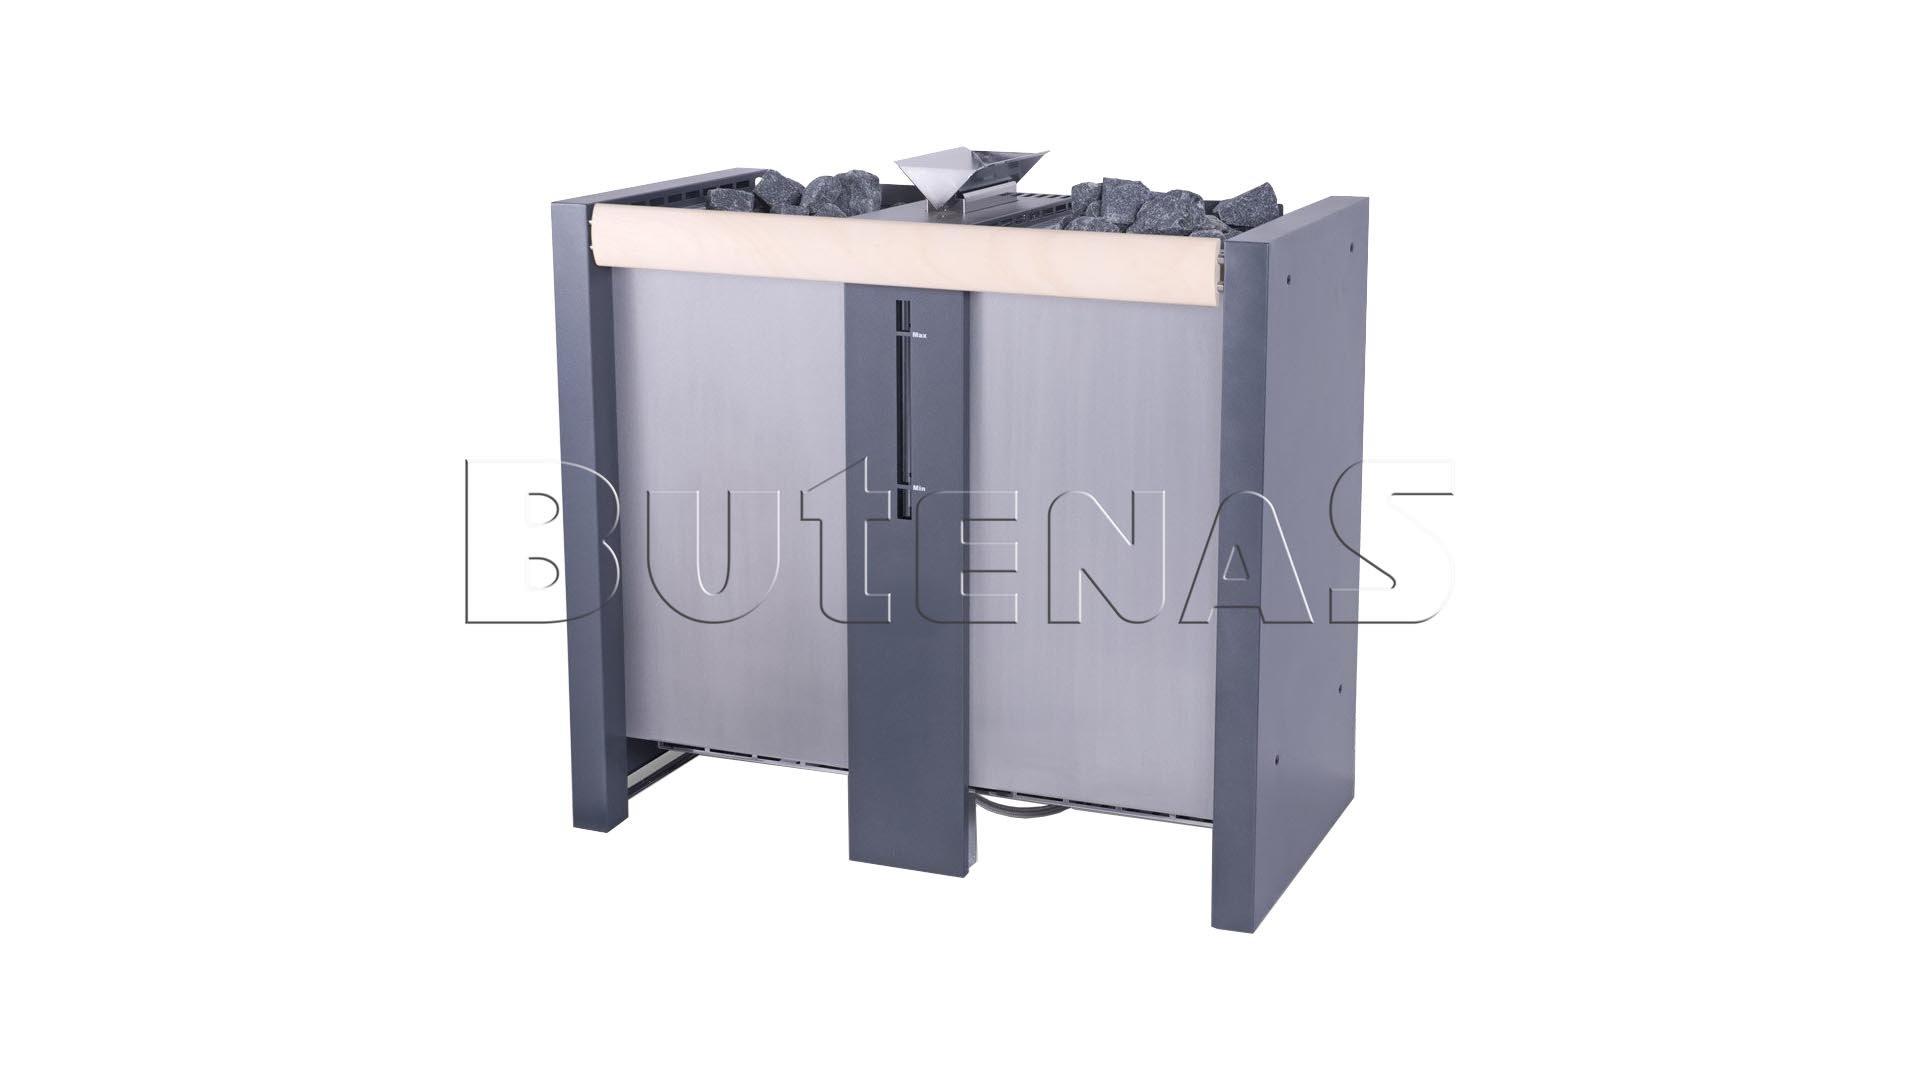 Bild von Butenas EOS Saunaofen - BIO-Kombiofen Herkules XL S120 Vapor